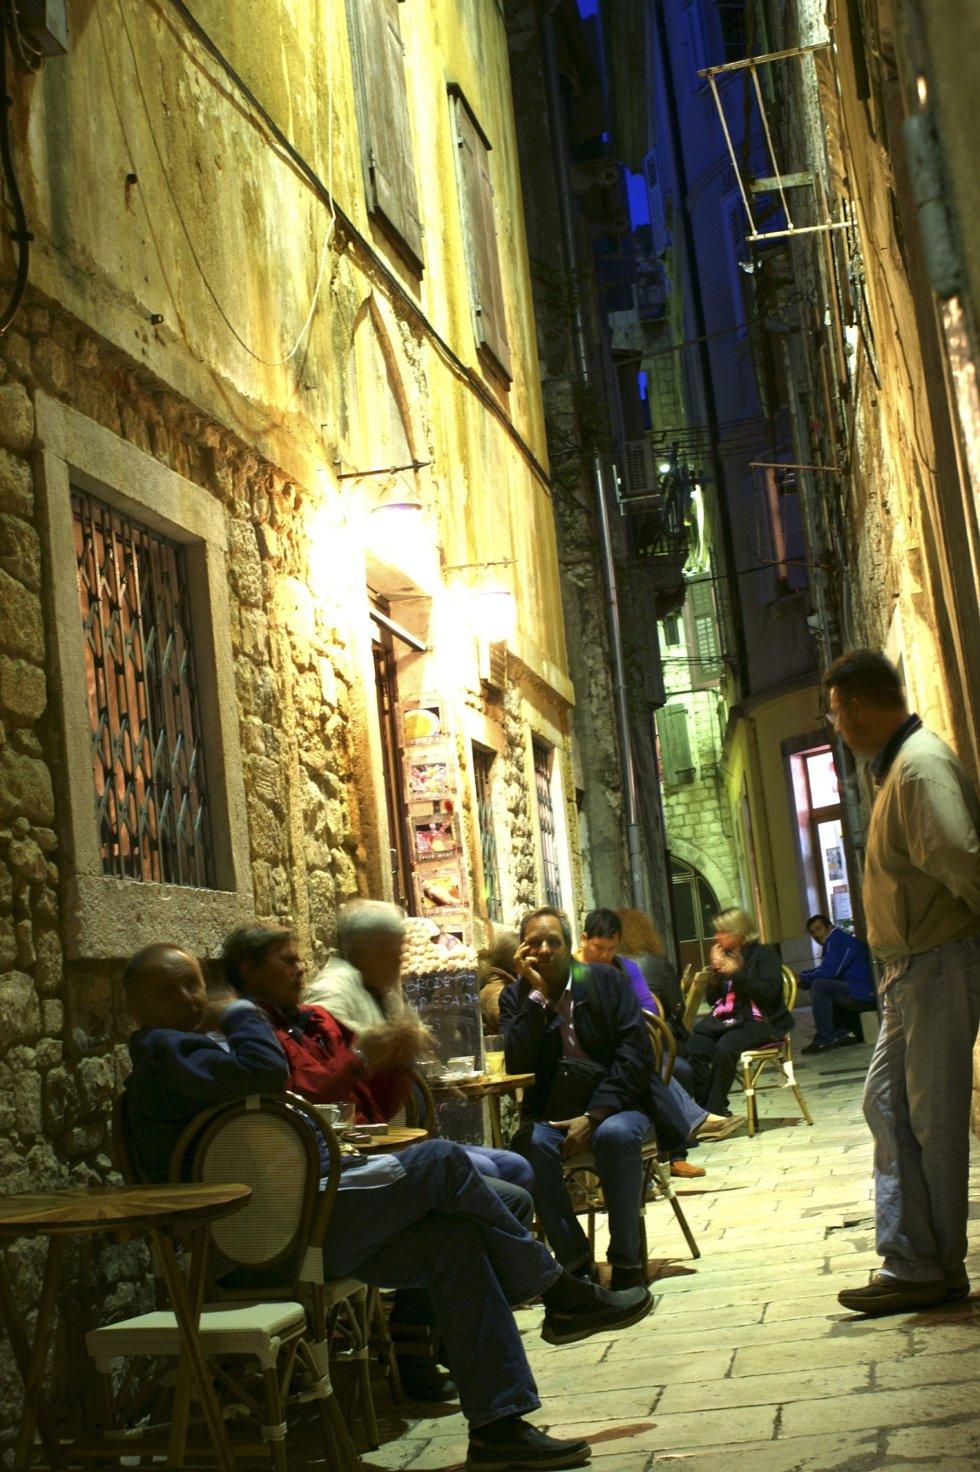 La oppdagelsesferden ende på en av de små kafeene i Splits gamleby.